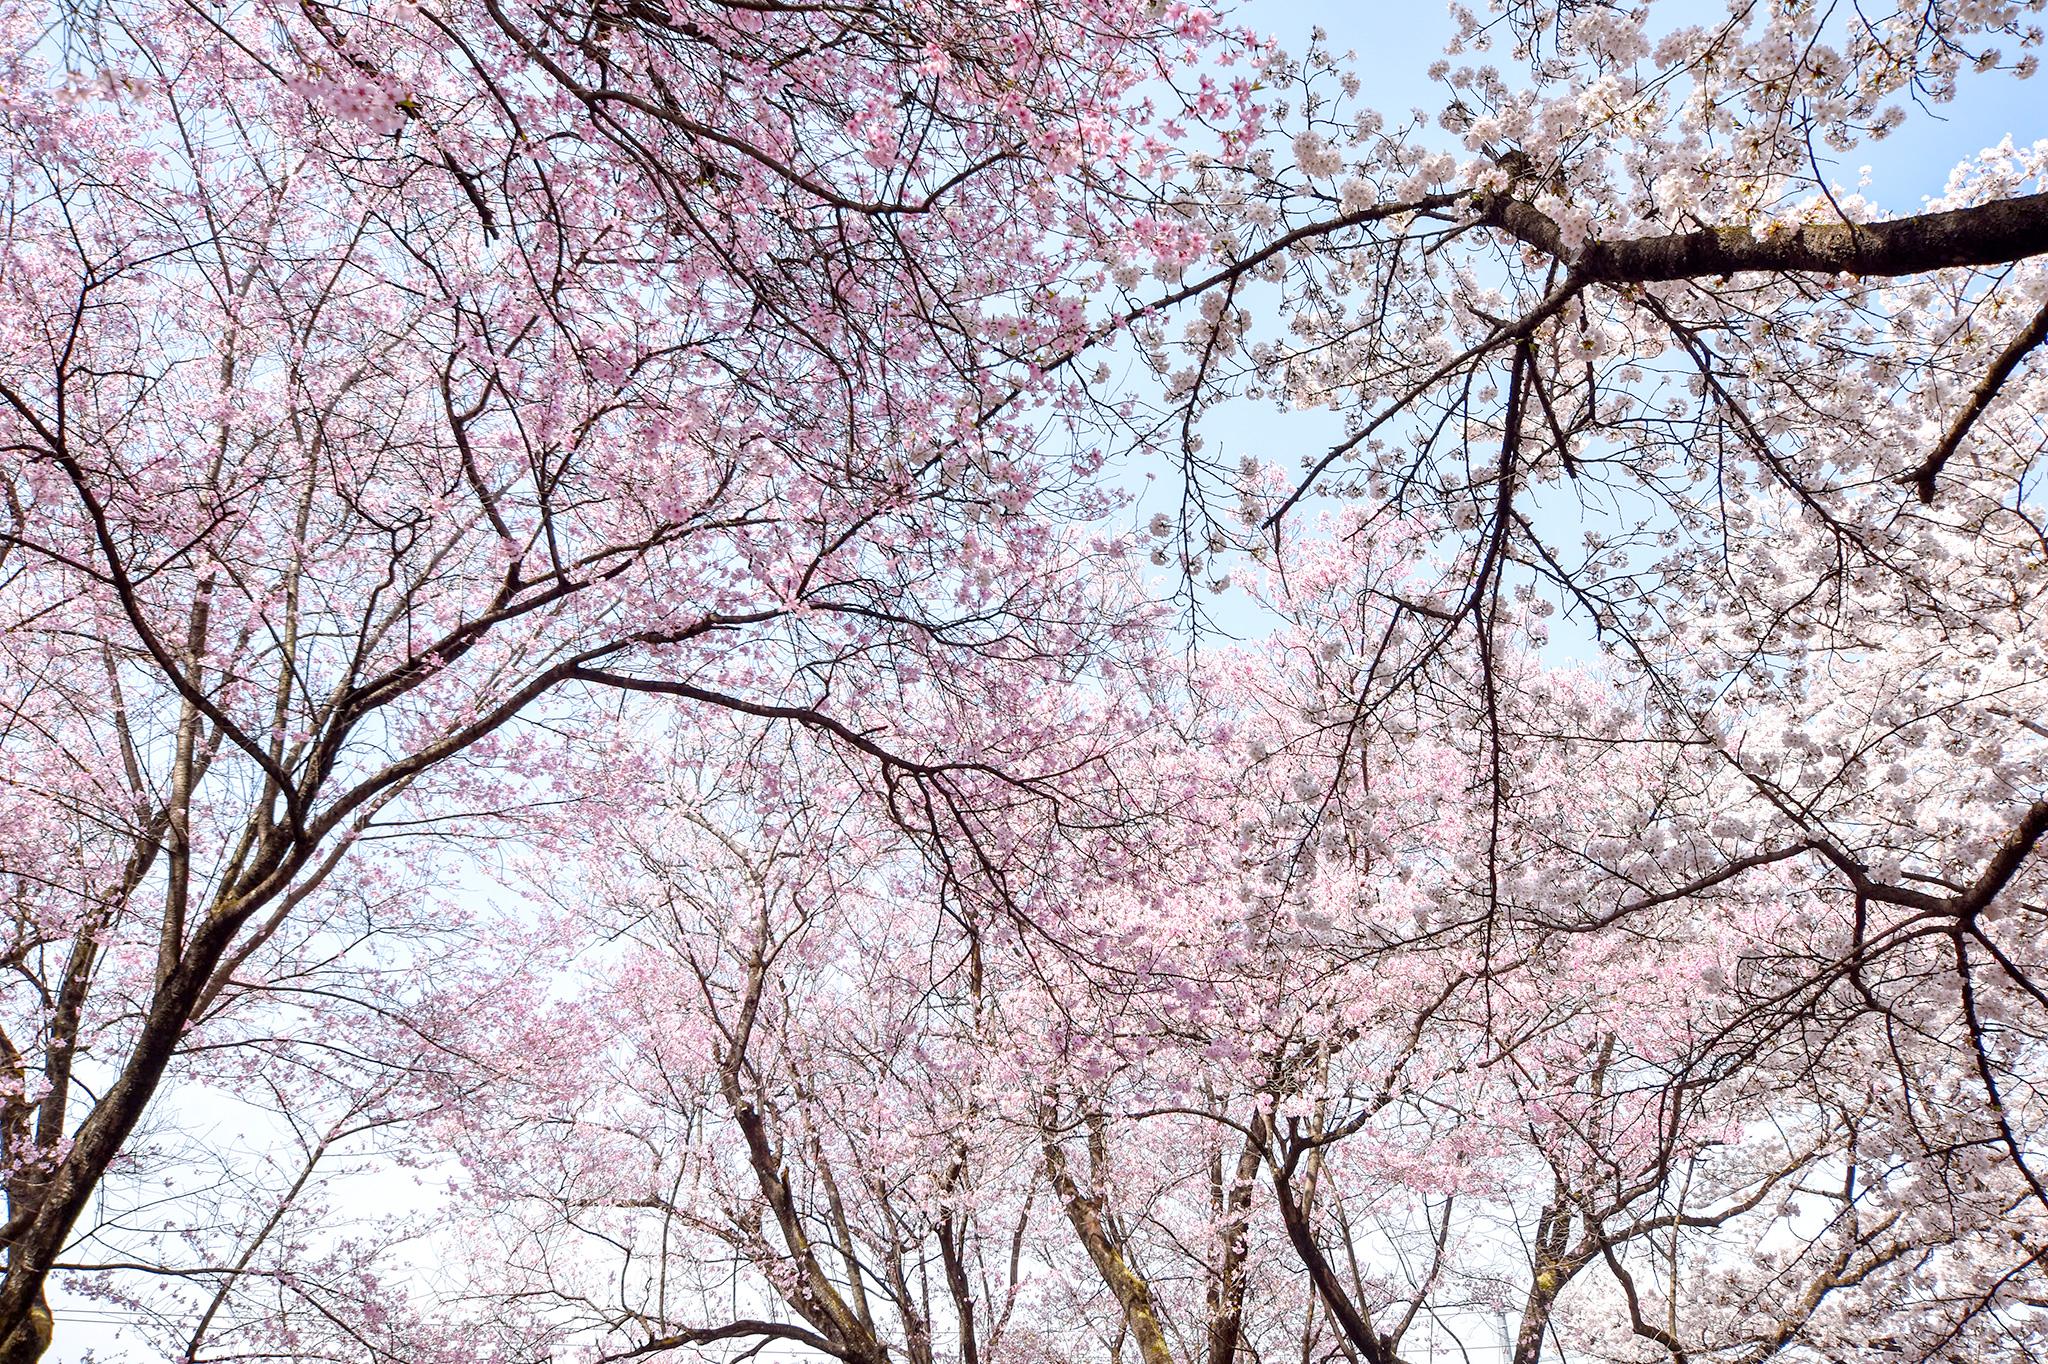 花鳥山一本杉公園の桜 写真4